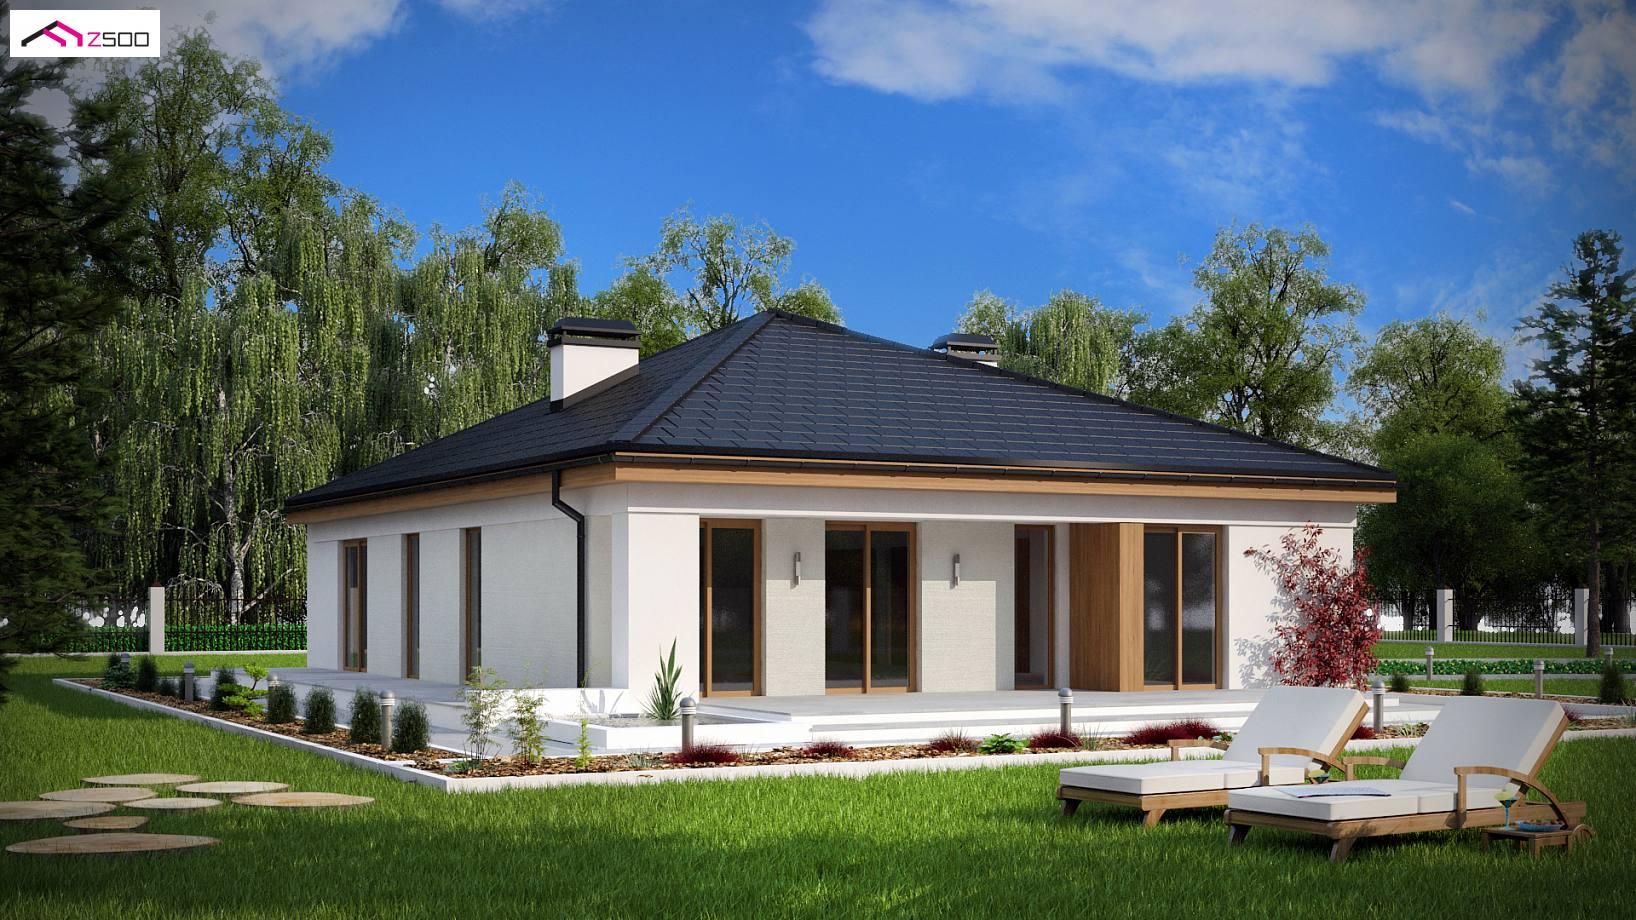 projekt domu z196 komfortowy dom parterowy z gara u017cem dwustanowiskowym i dachem kopertowym